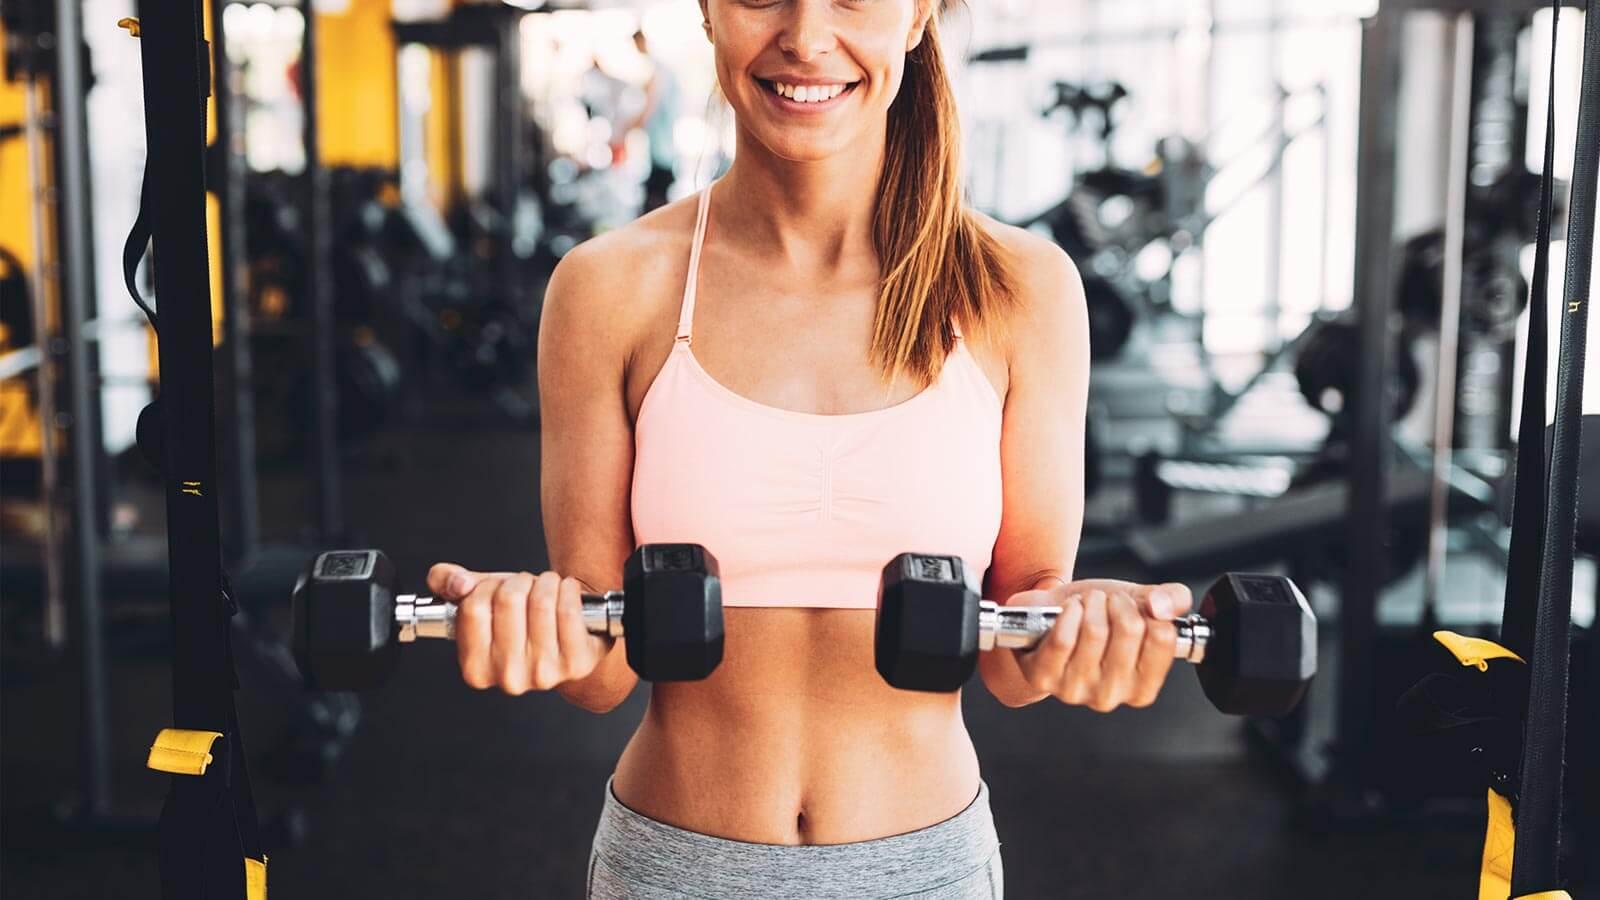 graisse corporelle la plus difficile à perdre